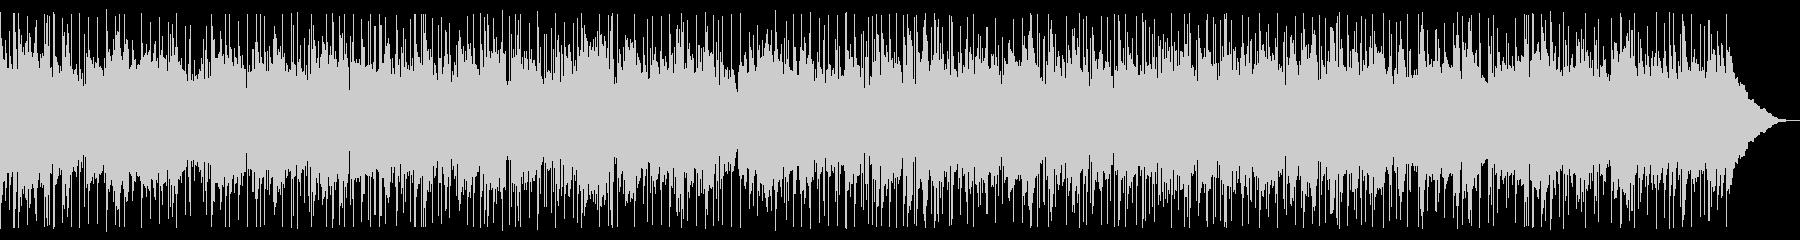 ほのぼのとしたアコースティックサウンドの未再生の波形